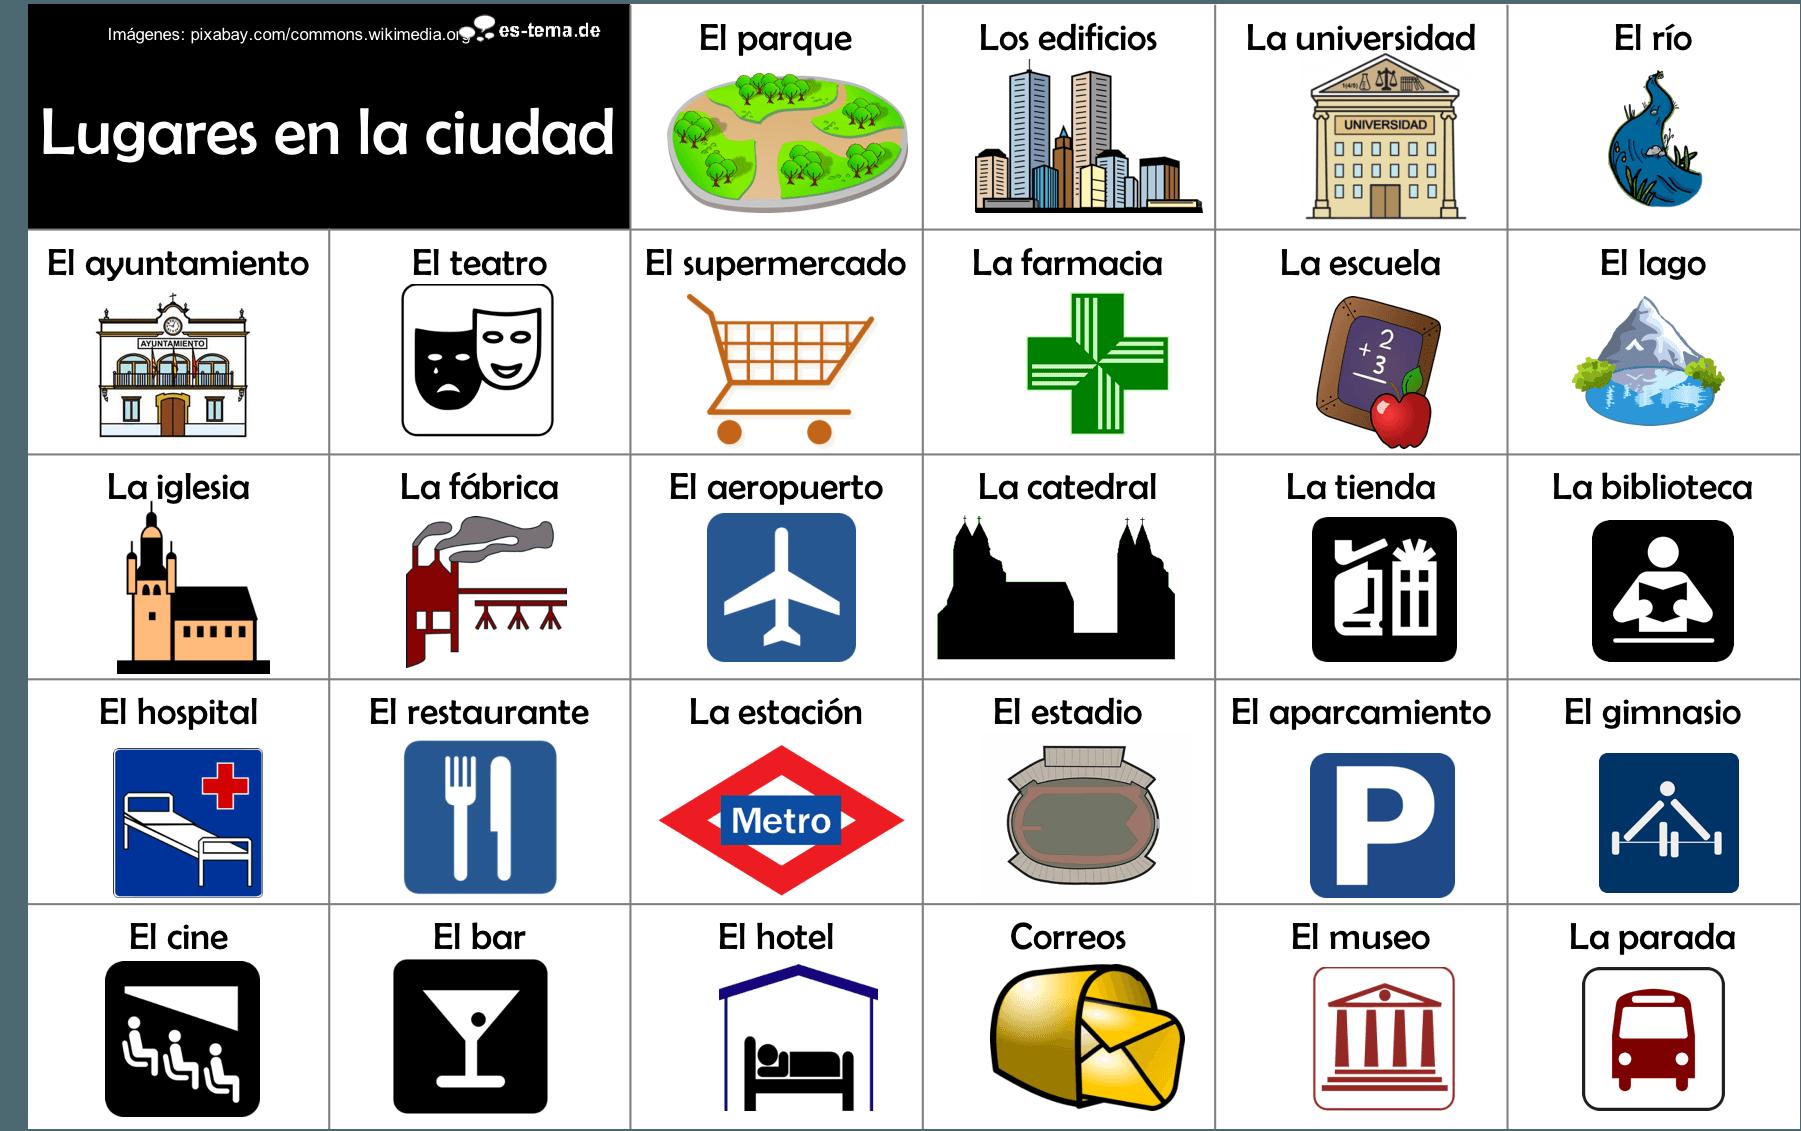 Aprende Vocabulario De Lugares Y Adjetivos Para Describir Tu Ciudad En Esta Entrada